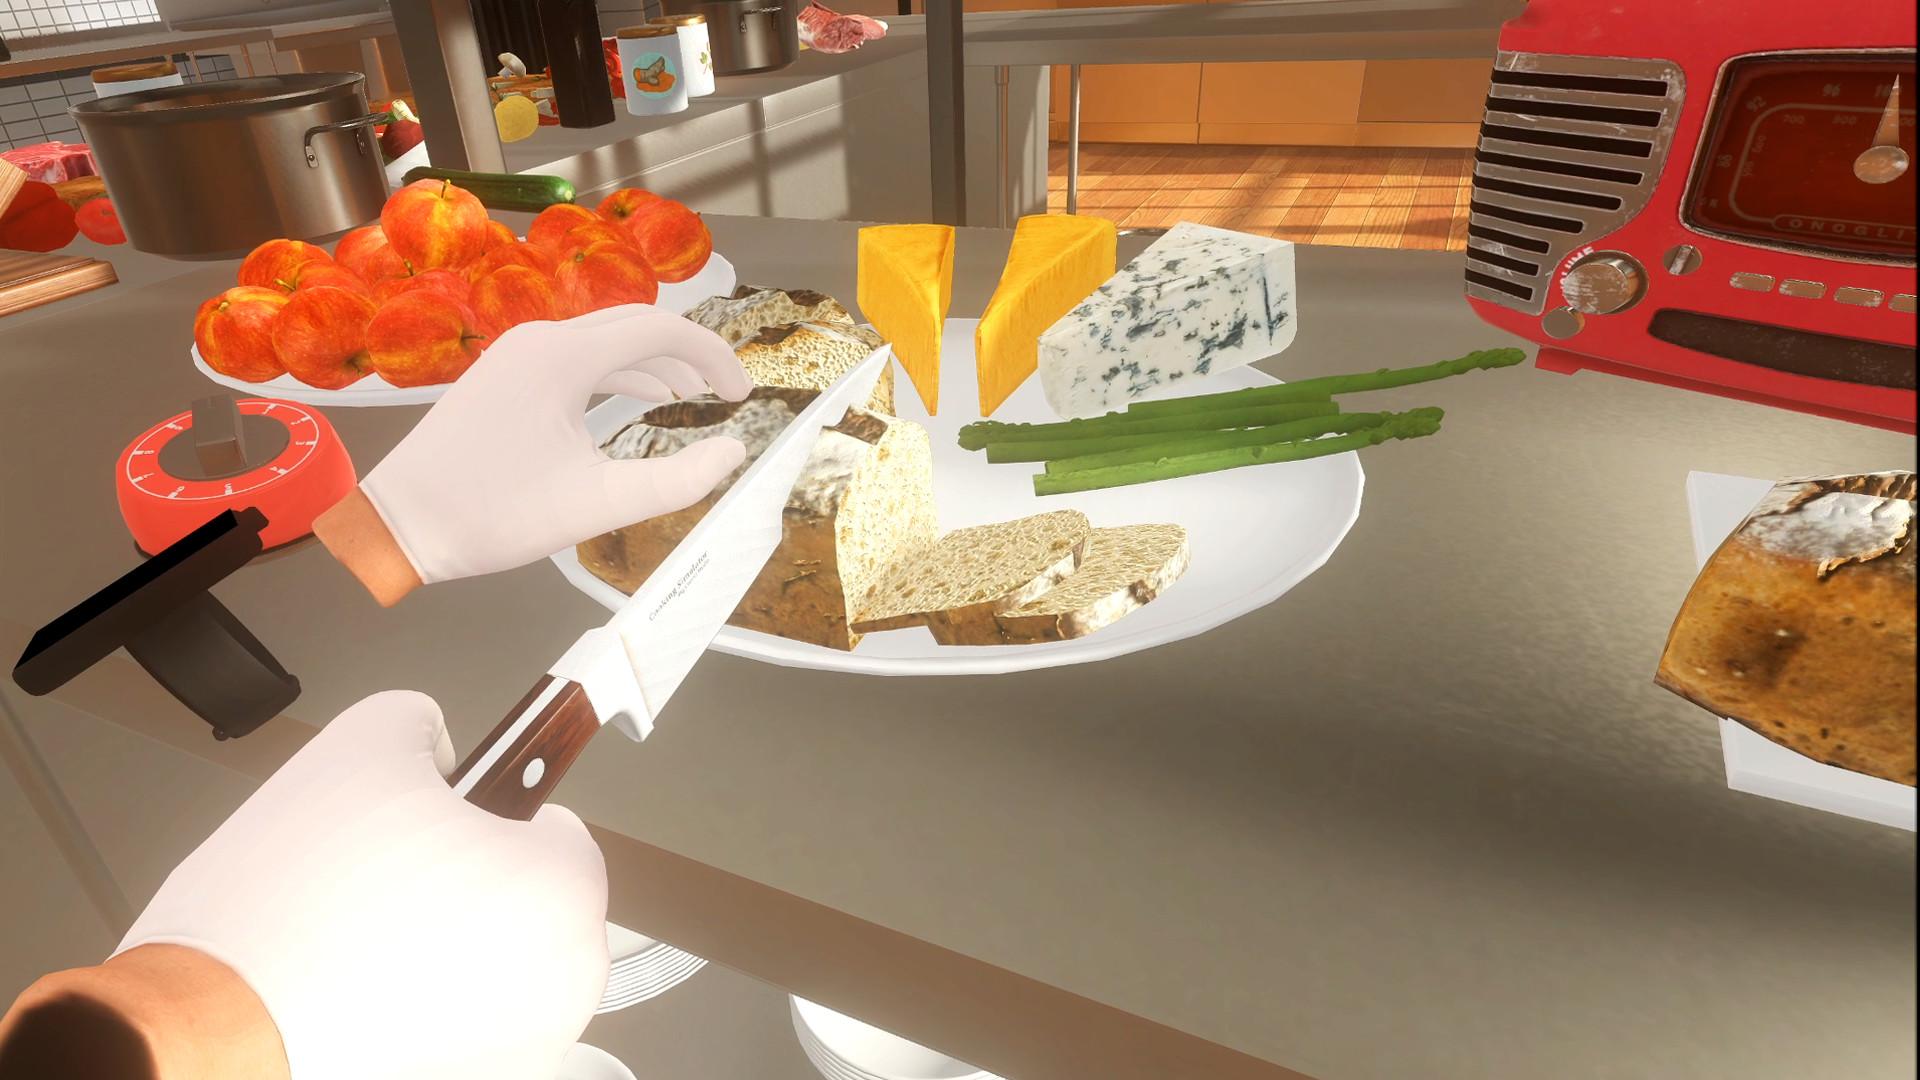 cooking-simulator-vr-pc-screenshot-4